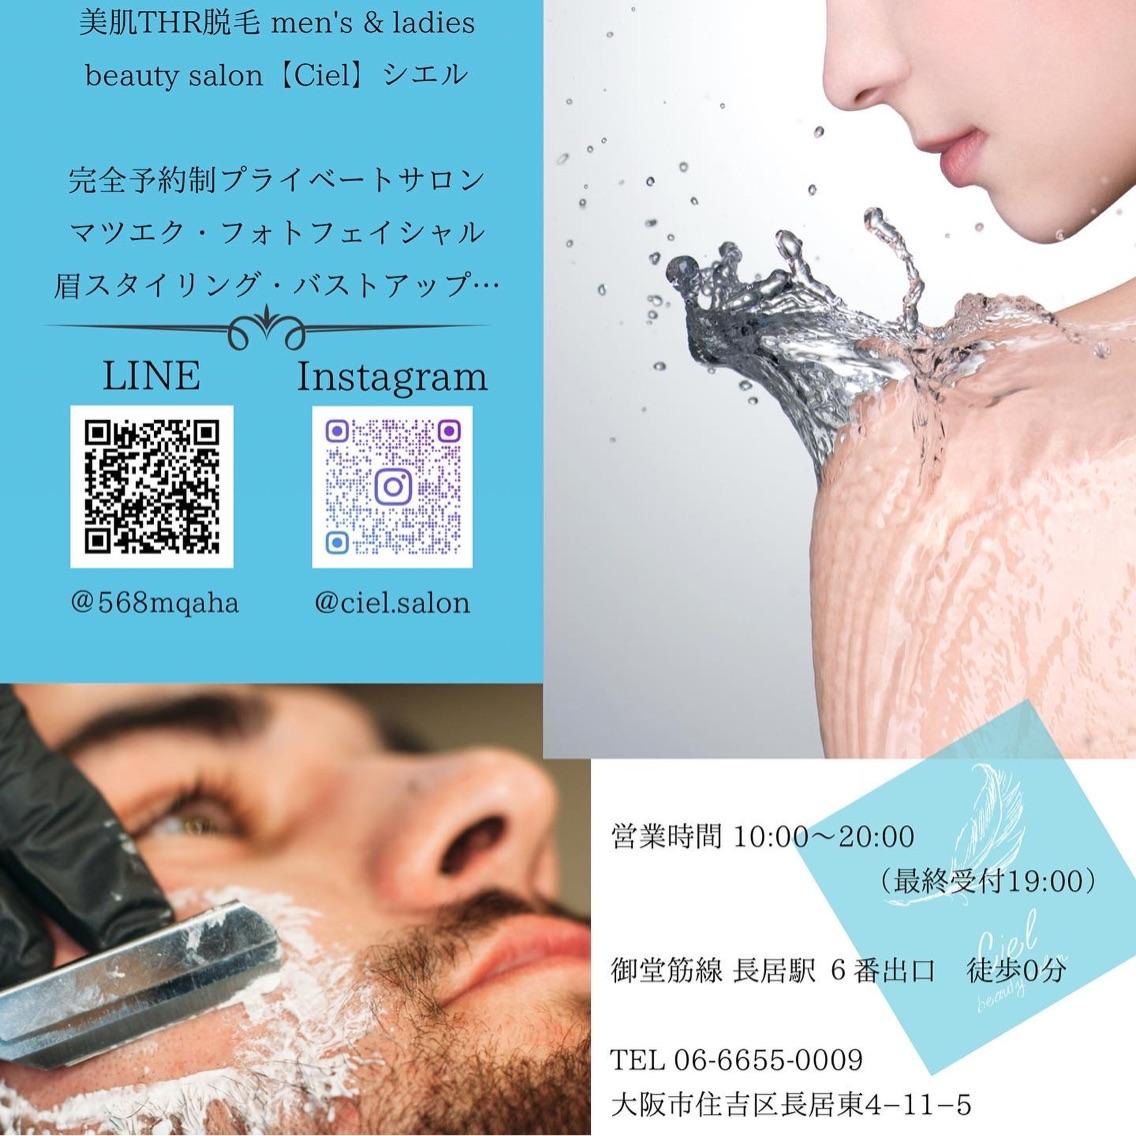 men's & ladies 脱毛salon【Ciel 】シエル